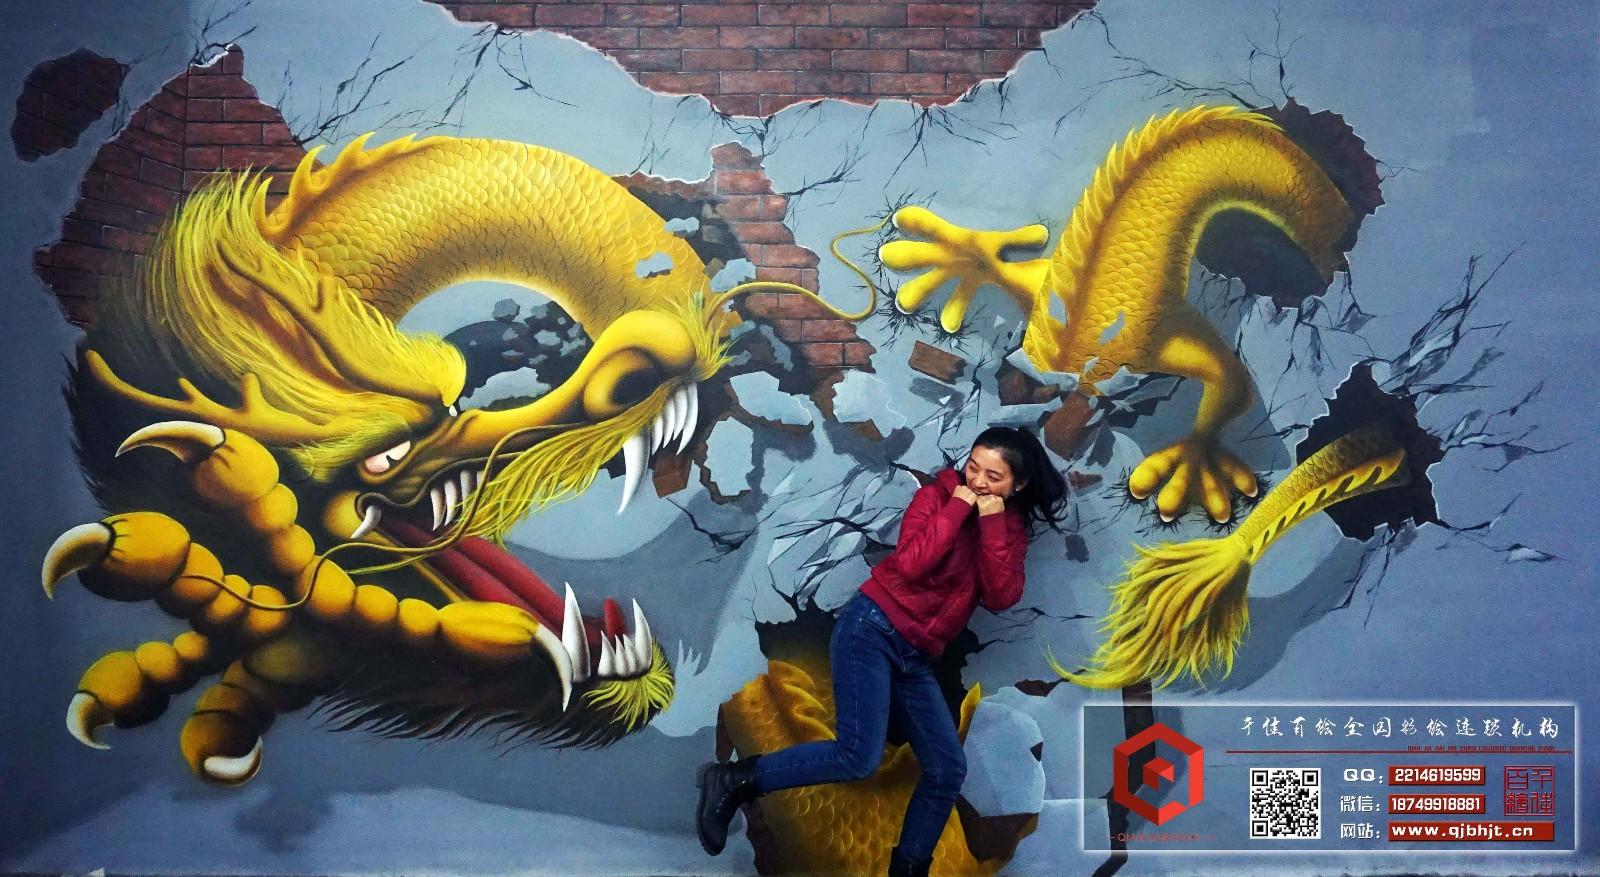 技艺精湛的龙手绘墙壁画 墙体彩绘